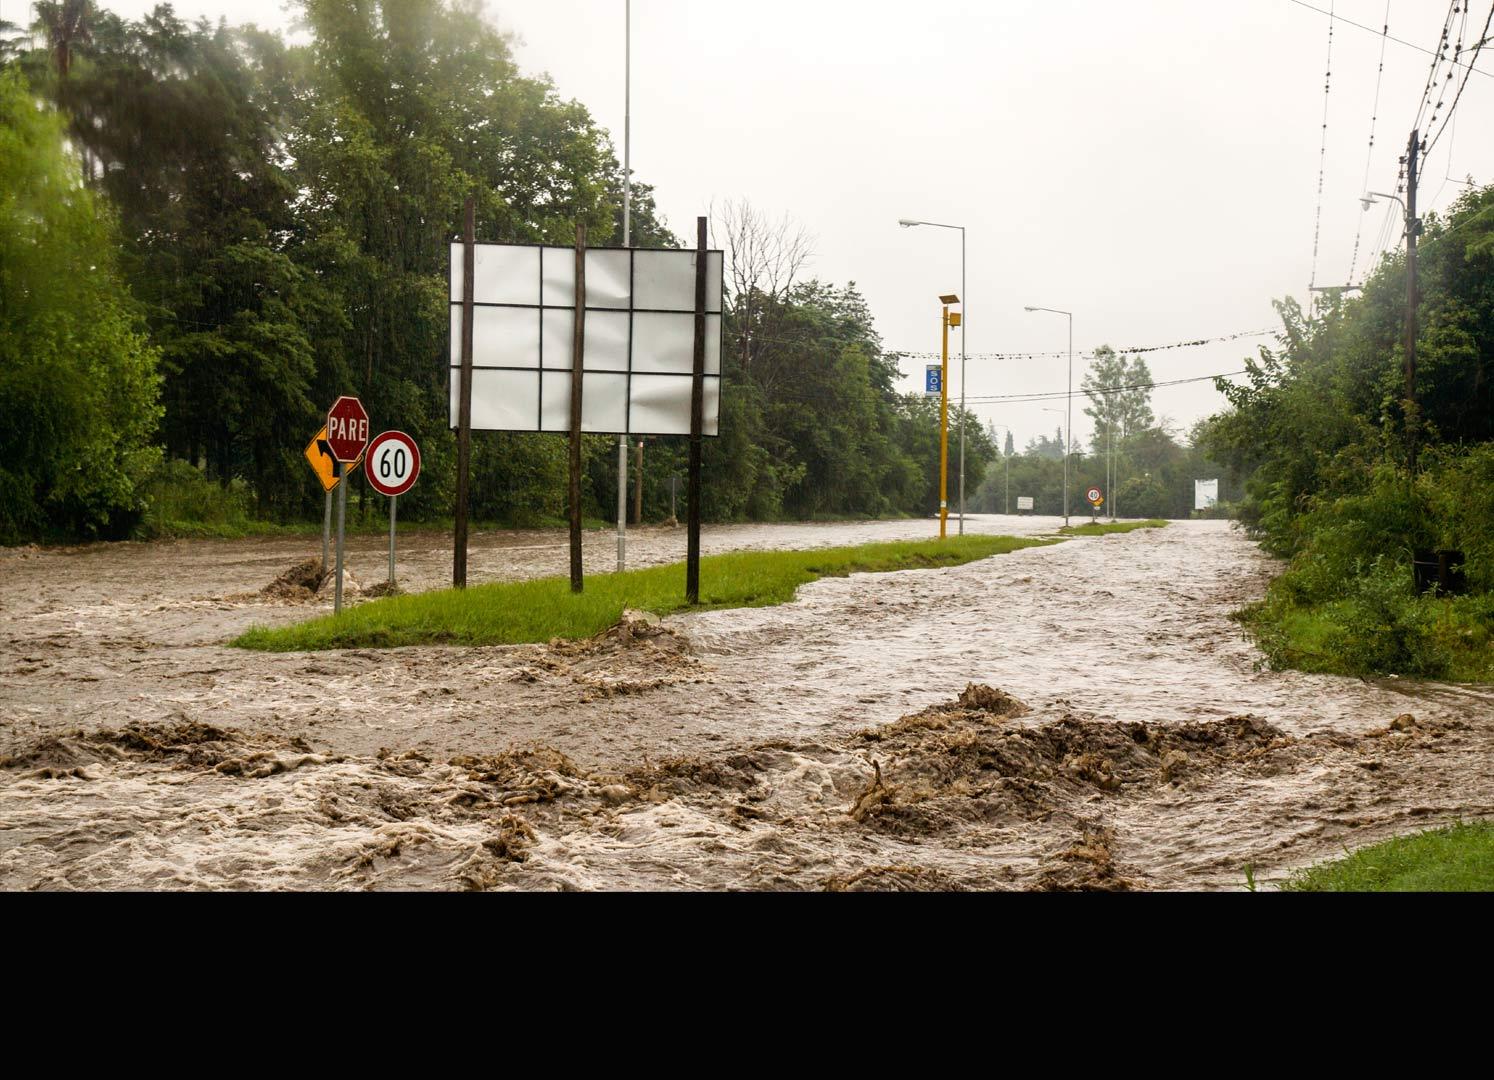 El fenómeno climatológico ha levantado las alertas y los planes de prevención ante posibles catástrofes